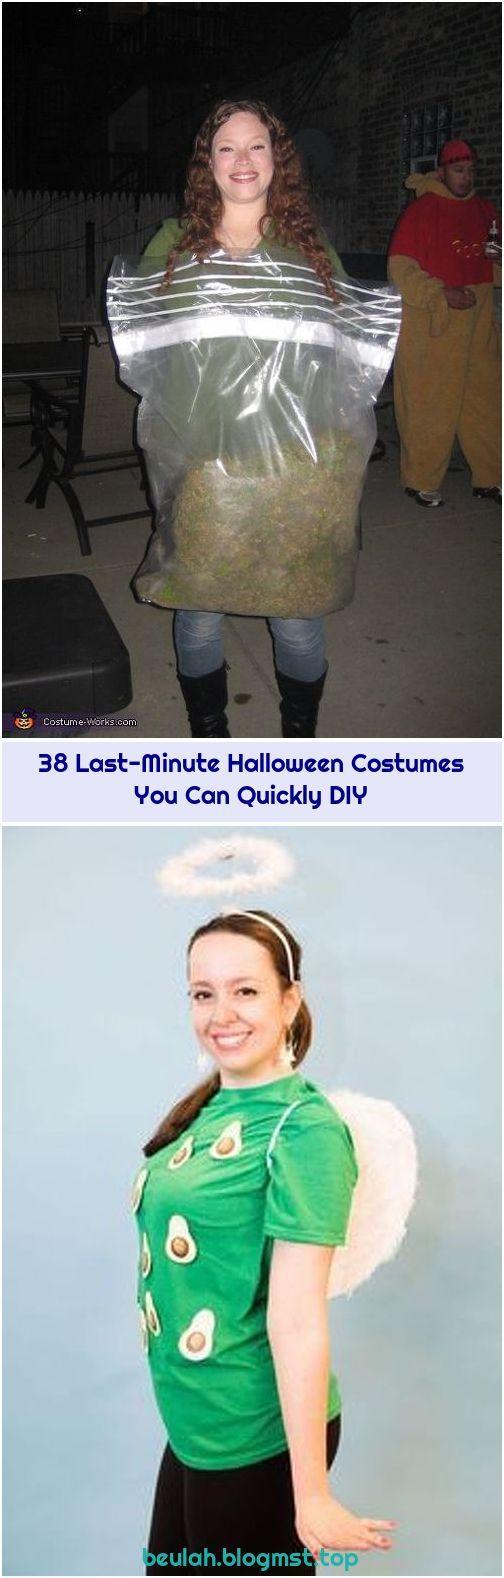 #Bag #Contest #costume #costumes #CostumeWorkscom #DIY # ...